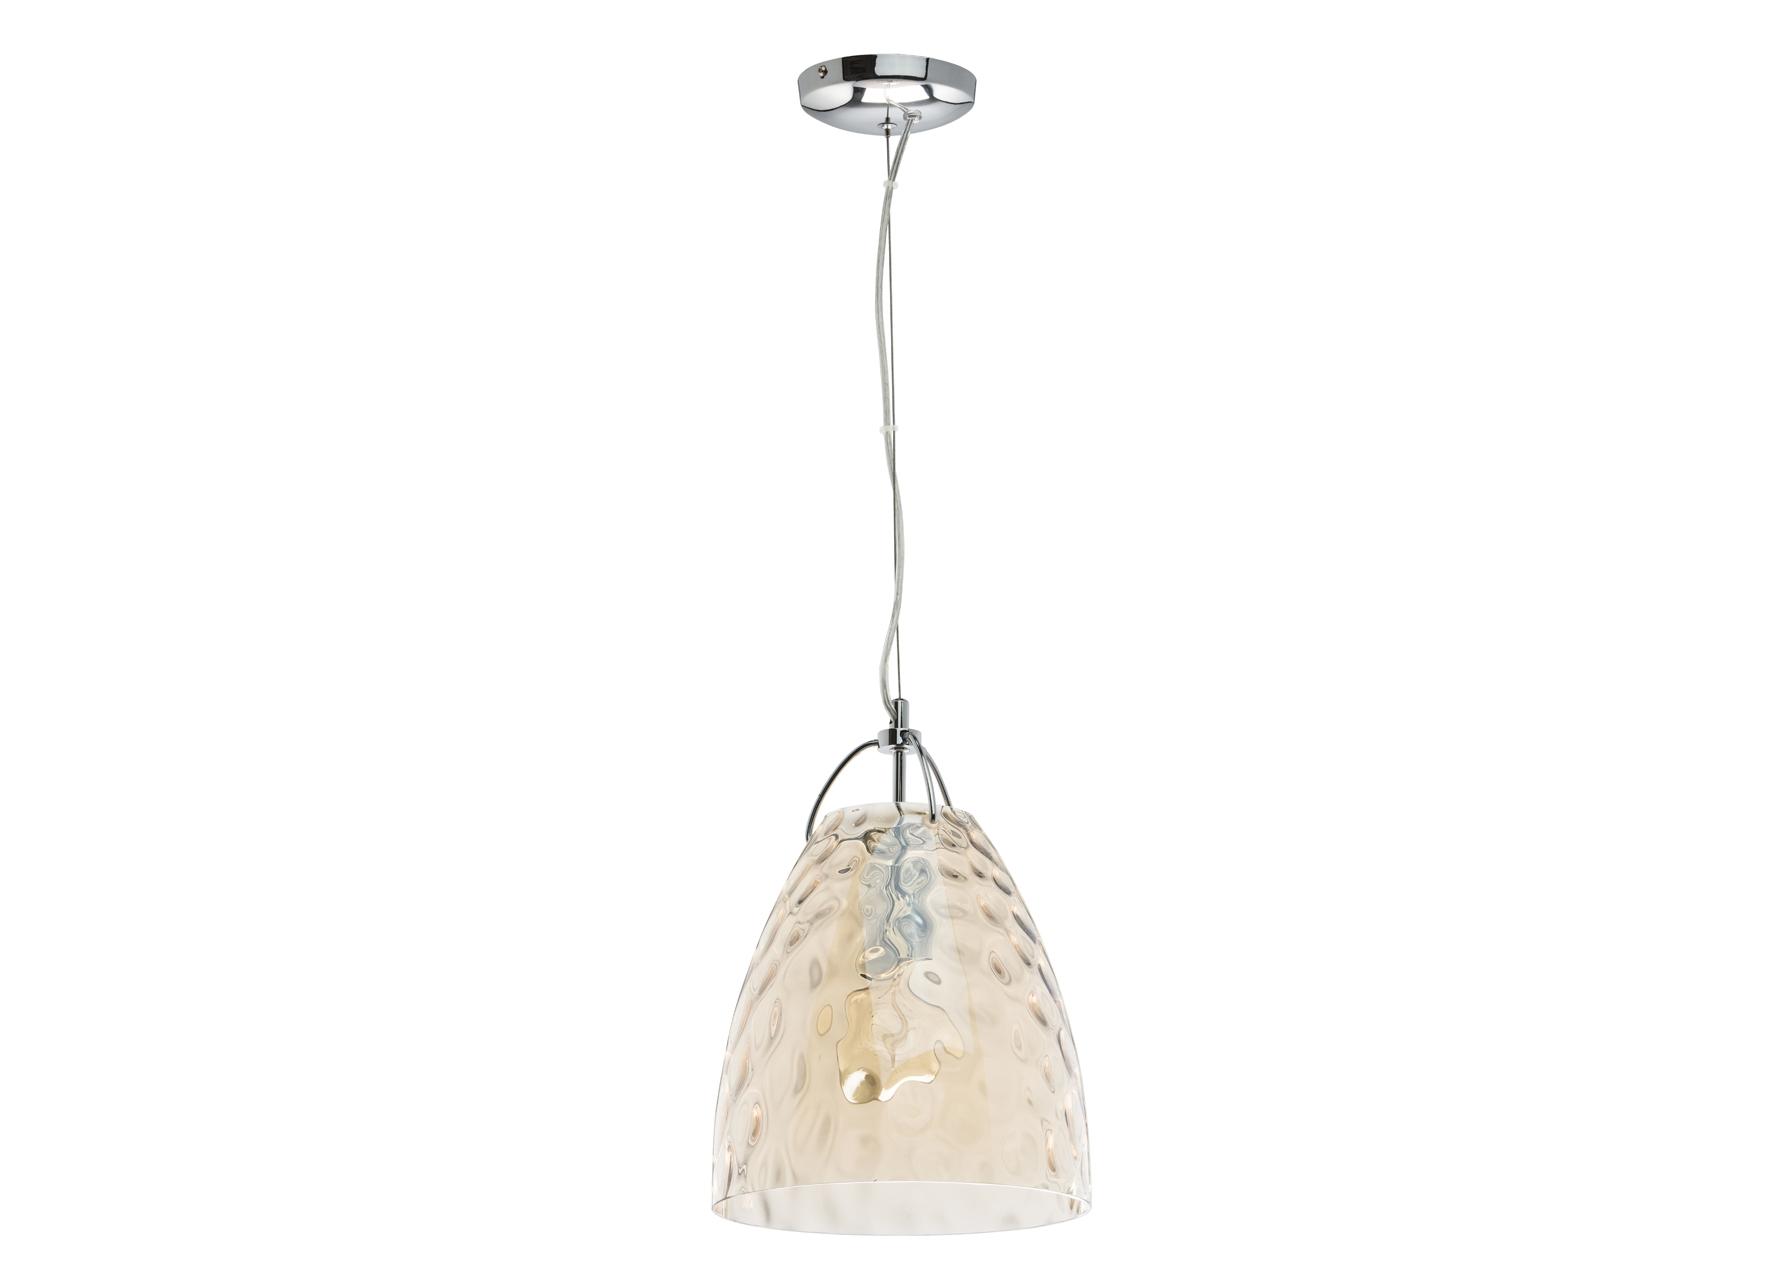 Подвесной светильник КлэрПодвесные светильники<br>&amp;lt;div&amp;gt;Стильный и современный дизайн светильников коллекции «Клэр» сейчас&amp;lt;/div&amp;gt;&amp;lt;div&amp;gt;особенно актуален. Это отличное решение для зонального освещения в&amp;lt;/div&amp;gt;&amp;lt;div&amp;gt;модерновом интерьере. Хромированное основание и крепление плафона&amp;lt;/div&amp;gt;&amp;lt;div&amp;gt;люстры подчеркивают характерность стиля и освежают интерьер. Изюминка&amp;amp;nbsp;&amp;lt;span style=&amp;quot;line-height: 1.78571;&amp;quot;&amp;gt;лаконичного плафона заключается в его фактурном гальванизированном стекле,&amp;amp;nbsp;&amp;lt;/span&amp;gt;&amp;lt;span style=&amp;quot;line-height: 1.78571;&amp;quot;&amp;gt;которое во время освещения эстетично преломляет свет, заставляя его сиять и&amp;amp;nbsp;&amp;lt;/span&amp;gt;&amp;lt;span style=&amp;quot;line-height: 1.78571;&amp;quot;&amp;gt;играть на стенах. «Клэр» представлена в графитовом цвете и оттенке шампань,&amp;amp;nbsp;&amp;lt;/span&amp;gt;&amp;lt;span style=&amp;quot;line-height: 1.78571;&amp;quot;&amp;gt;благодаря этому можно подобать люстру как к темному, так и светлому&amp;amp;nbsp;&amp;lt;/span&amp;gt;&amp;lt;span style=&amp;quot;line-height: 1.78571;&amp;quot;&amp;gt;интерьеру.&amp;lt;/span&amp;gt;&amp;lt;/div&amp;gt;&amp;lt;div&amp;gt;&amp;lt;br&amp;gt;&amp;lt;/div&amp;gt;&amp;lt;div&amp;gt;Мощность/кол-во ламп 1*60W E27 220 V IP20&amp;lt;/div&amp;gt;&amp;lt;div&amp;gt;Вес: 2,96 кг&amp;lt;/div&amp;gt;&amp;lt;div&amp;gt;Сила светового потока: 650 Лм(Люмен)&amp;lt;/div&amp;gt;&amp;lt;div&amp;gt;Цветовая температура: 2700K&amp;lt;/div&amp;gt;&amp;lt;div&amp;gt;Арматура: сплав металлов&amp;lt;/div&amp;gt;<br><br>Material: Стекло<br>Height см: 152<br>Diameter см: 25